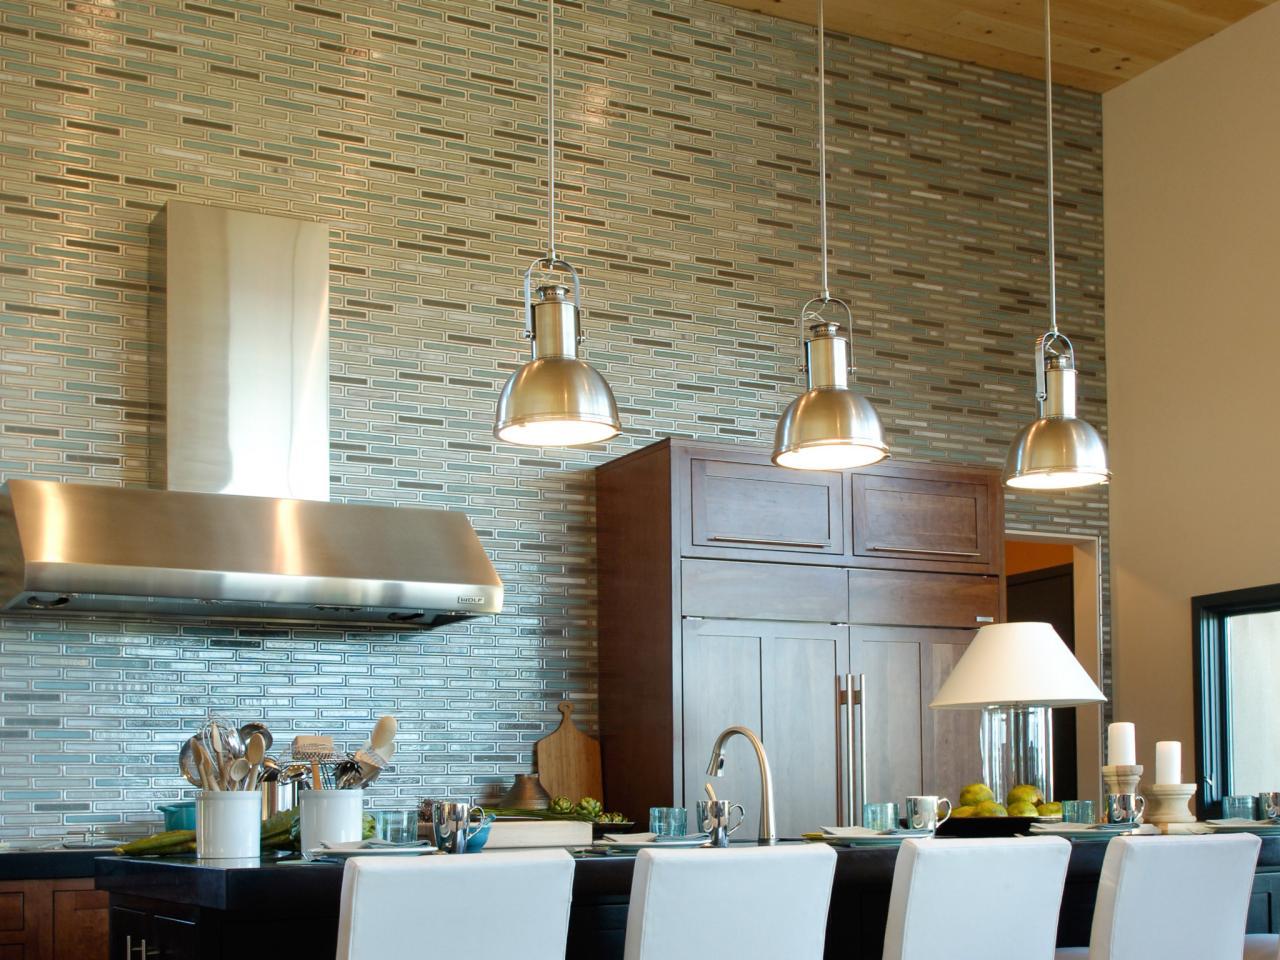 Matchstick tile kitchen backsplash.